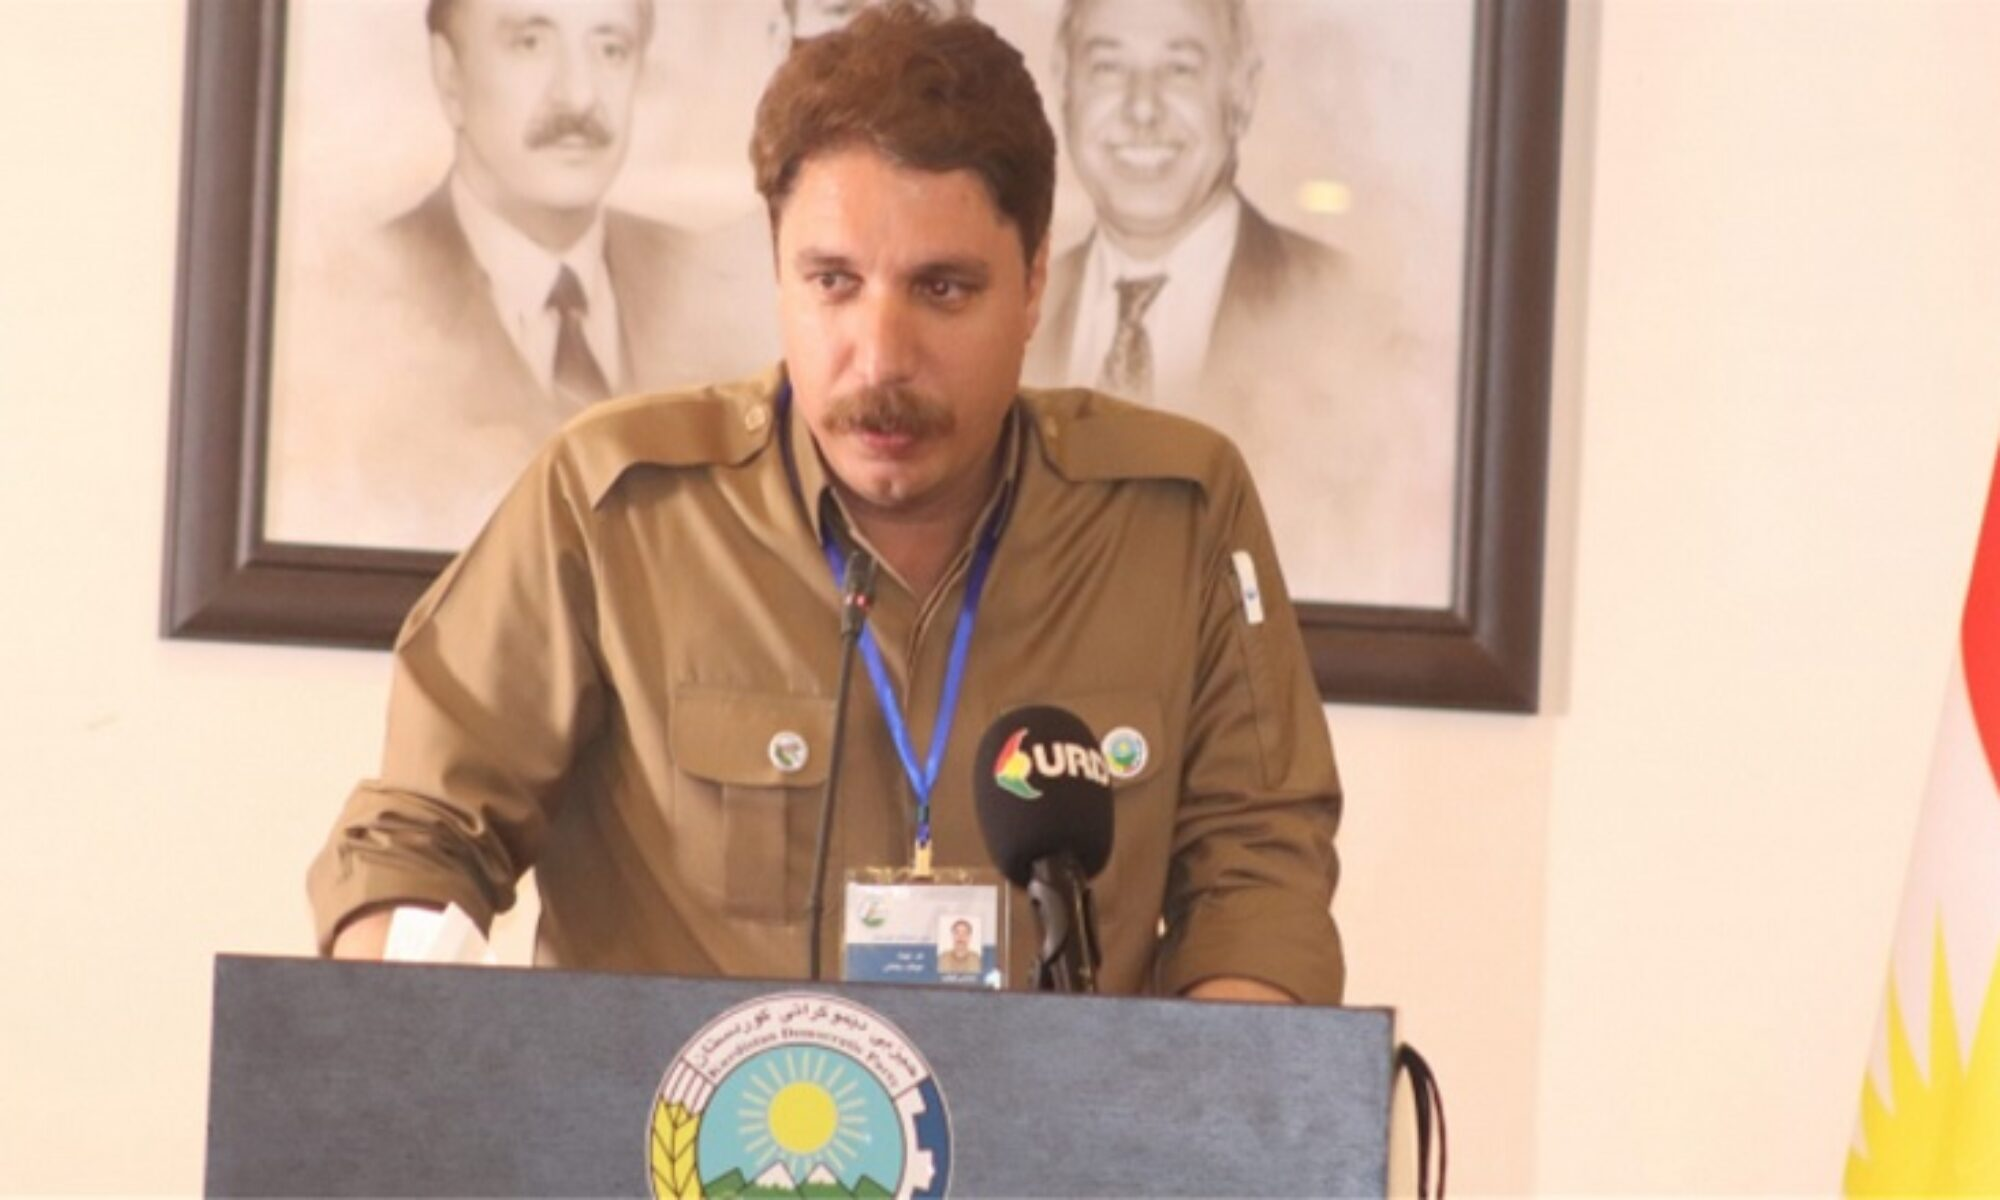 HDK-MK üyesi Kerimi katletilen Babaxani olayı ile ilgili yeni bilgiler verdi